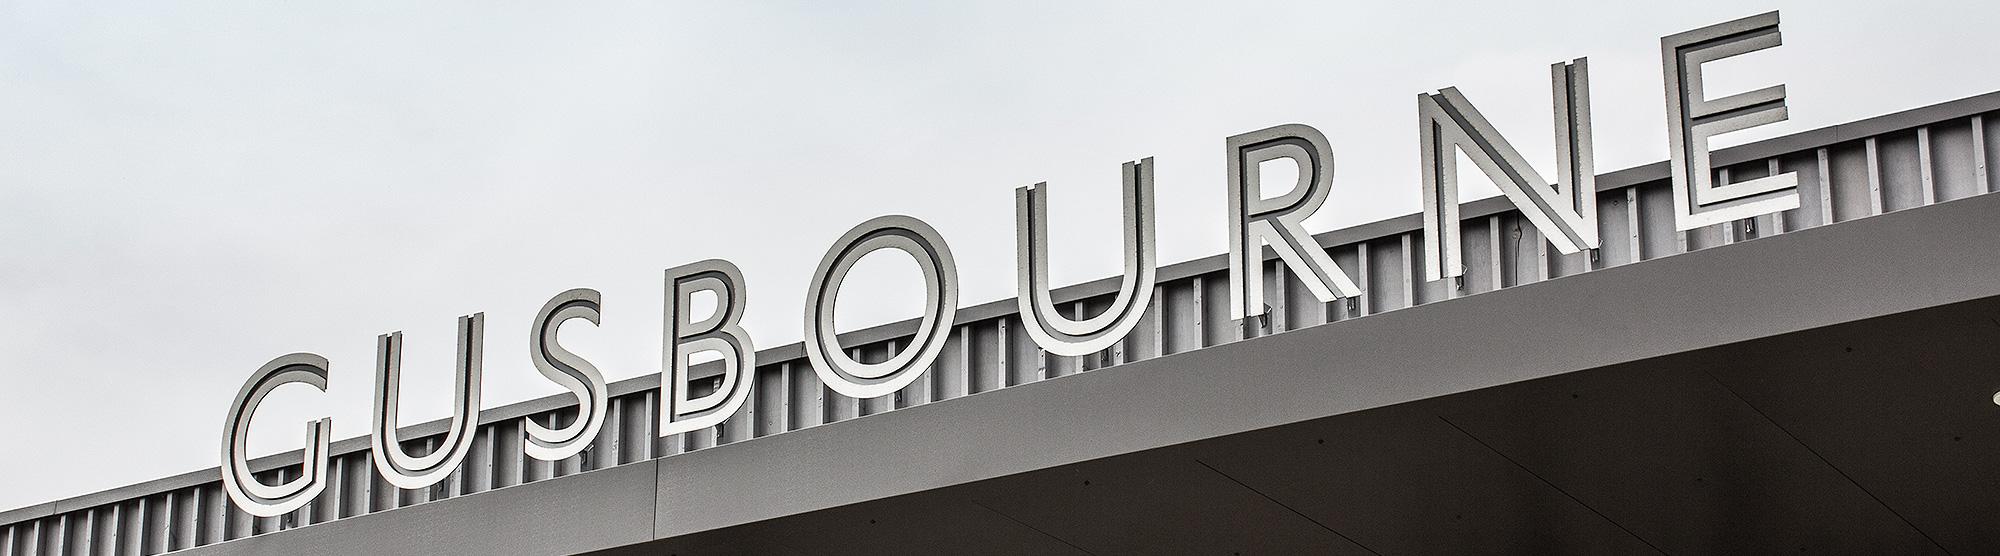 banner_gusbourne